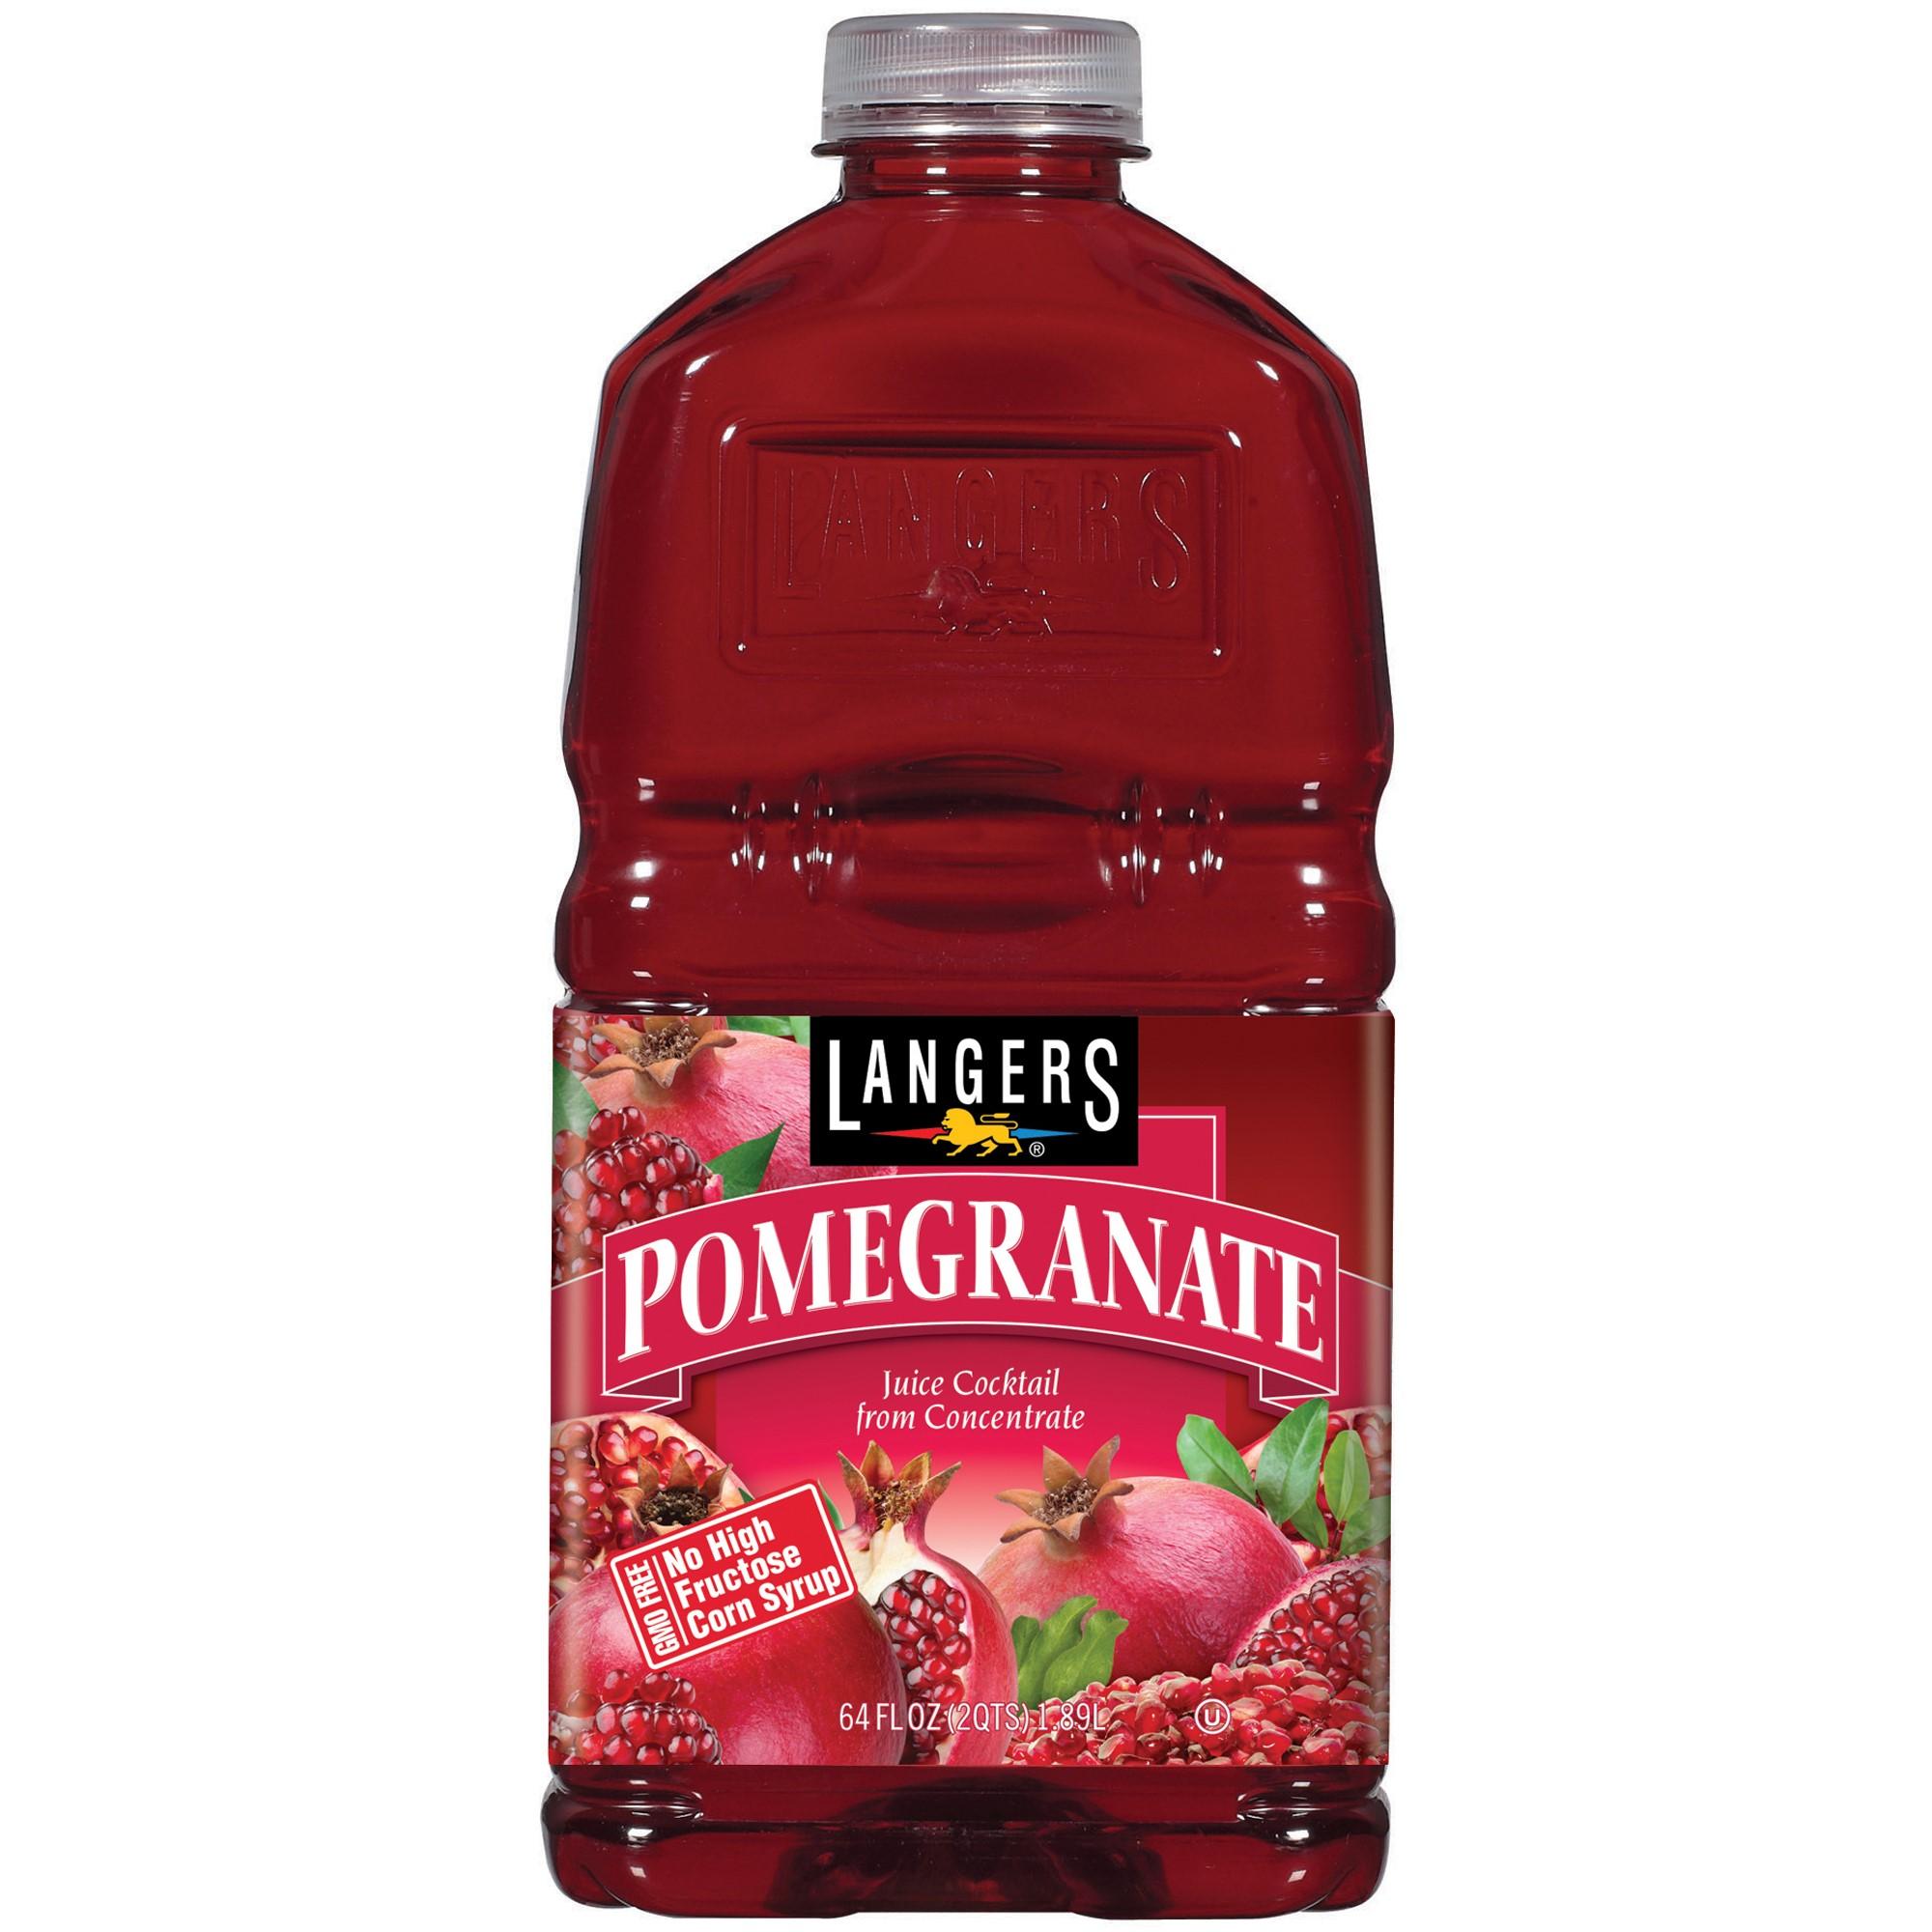 Langers Juice Cocktail, Pomegranate, 64 Fl Oz, 1 Count